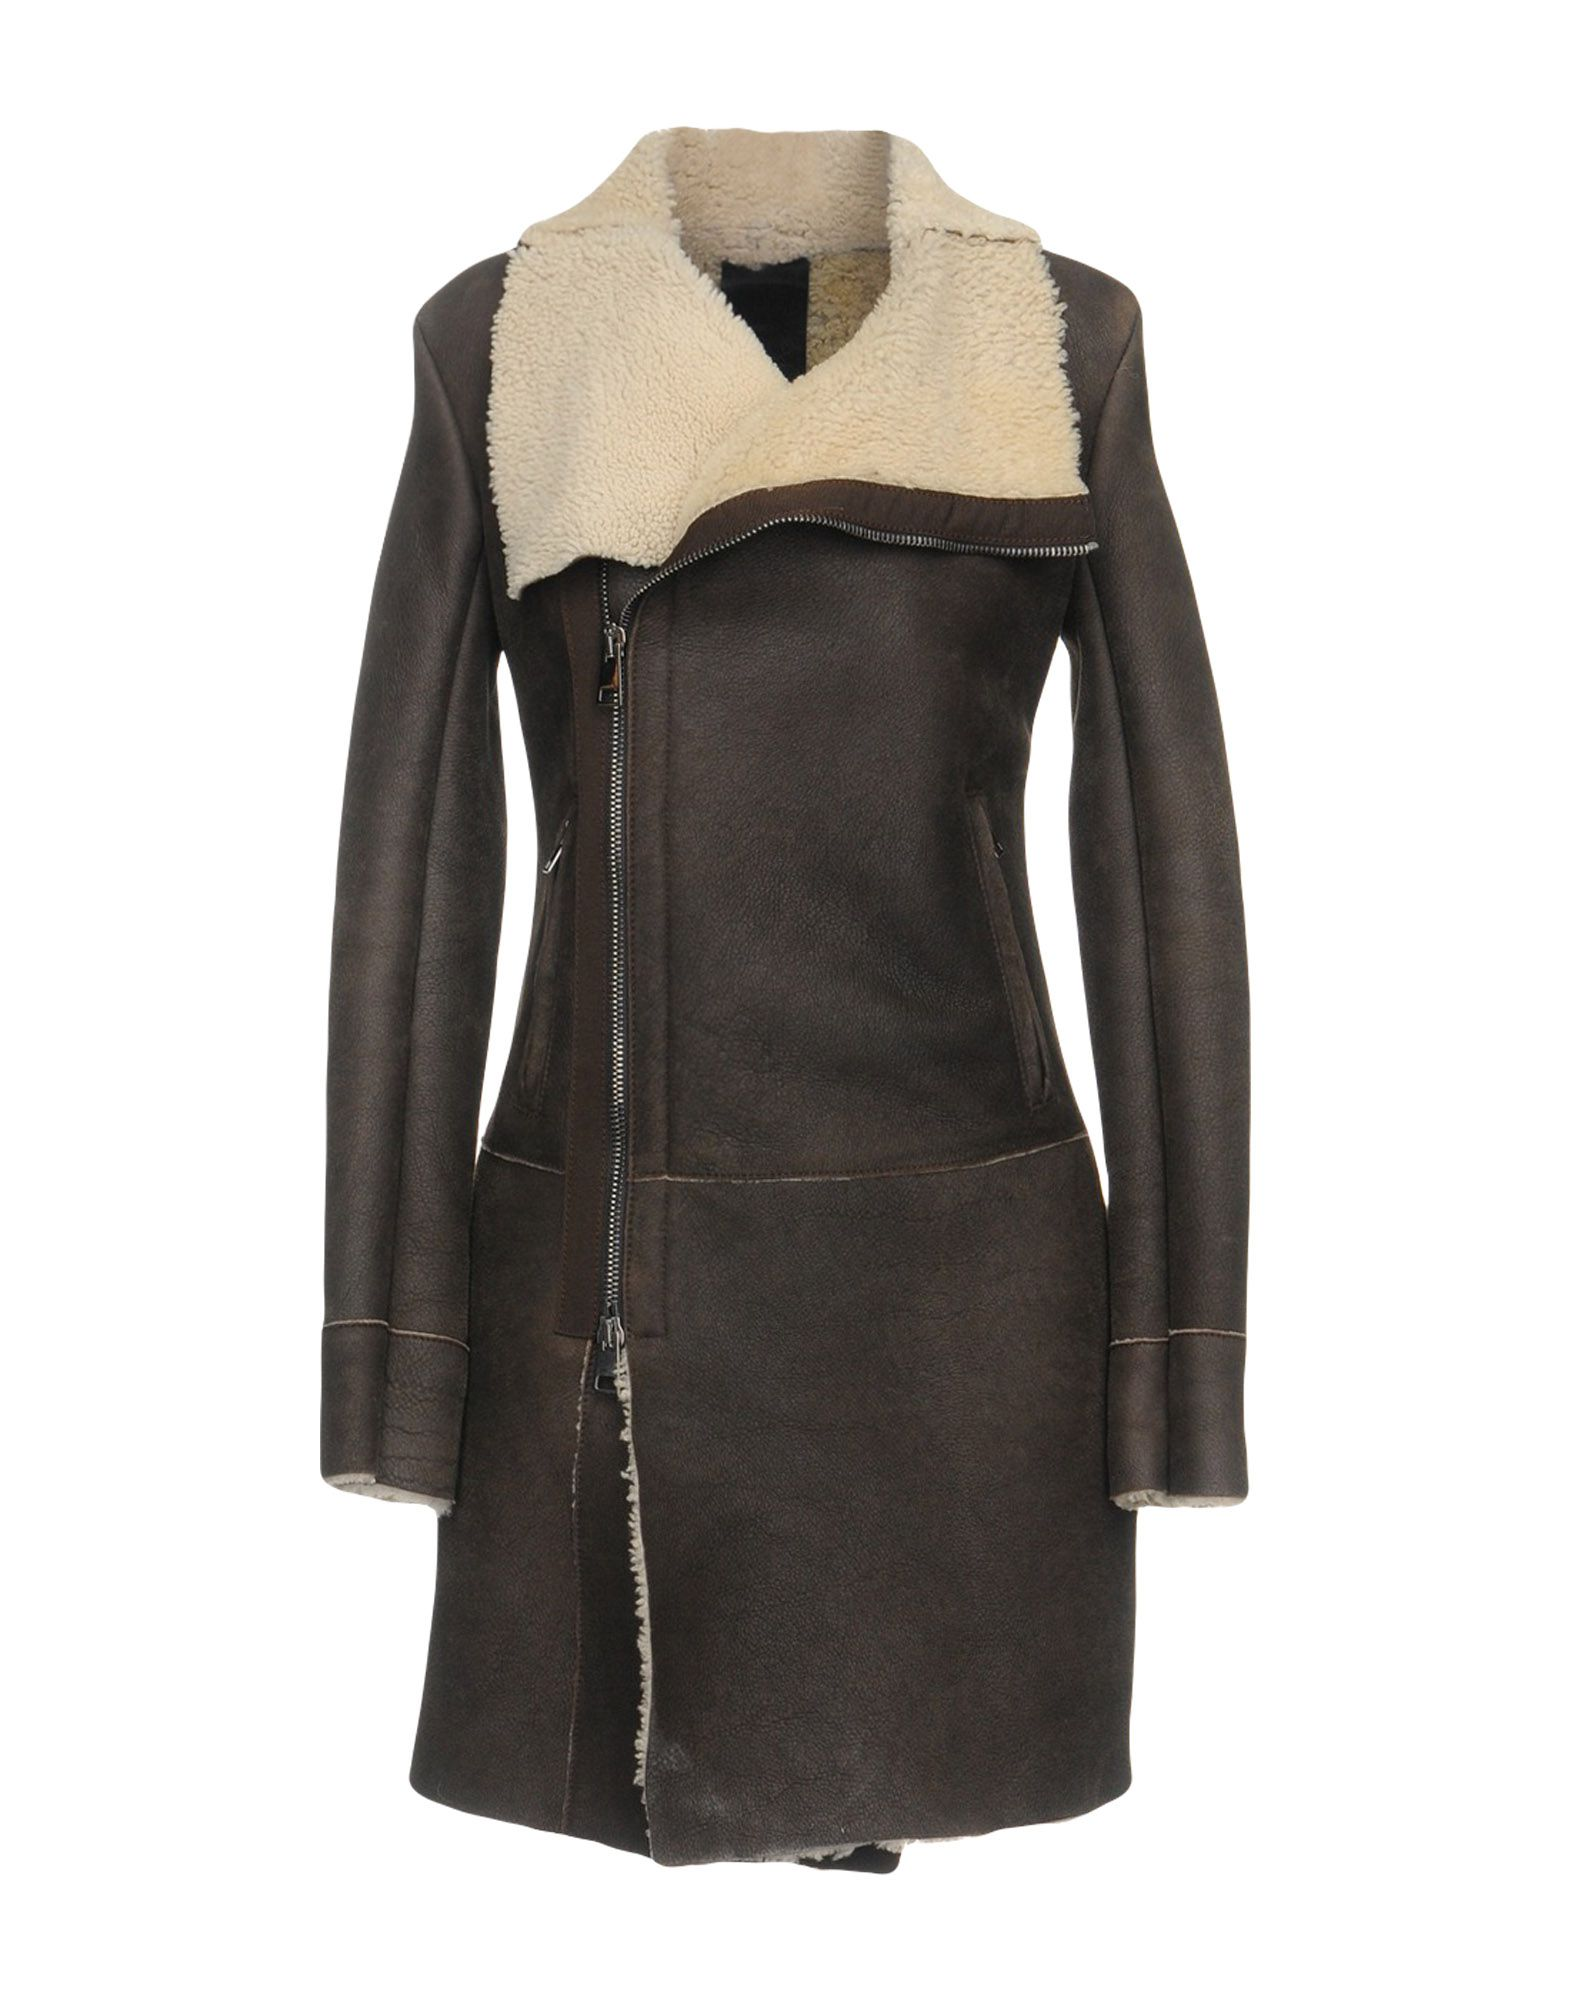 GIOCASTA Jackets in Dark Brown